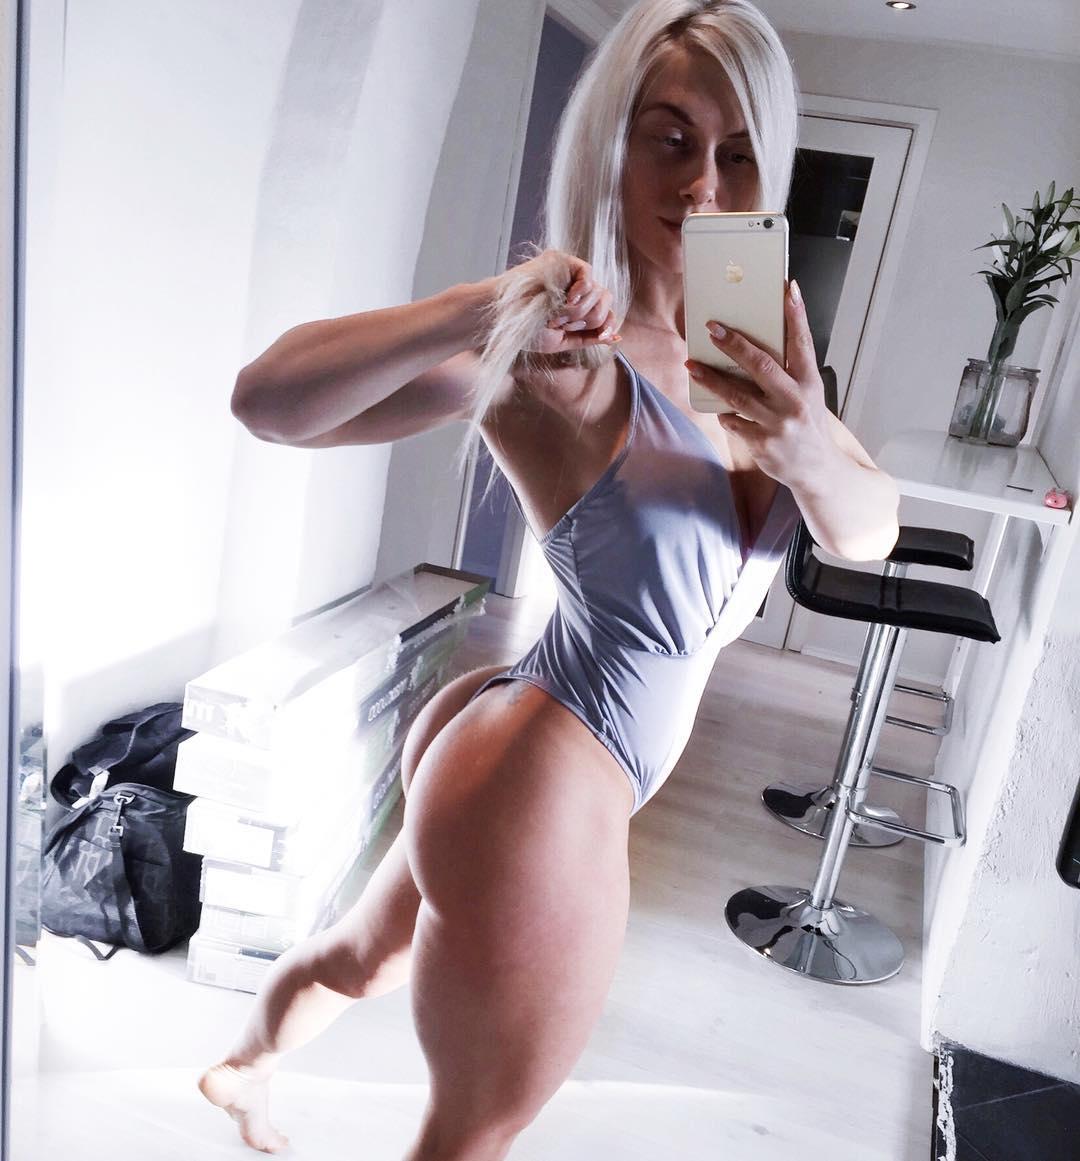 IFBB Bikini Pro Caroline Aspenskog, Sweden